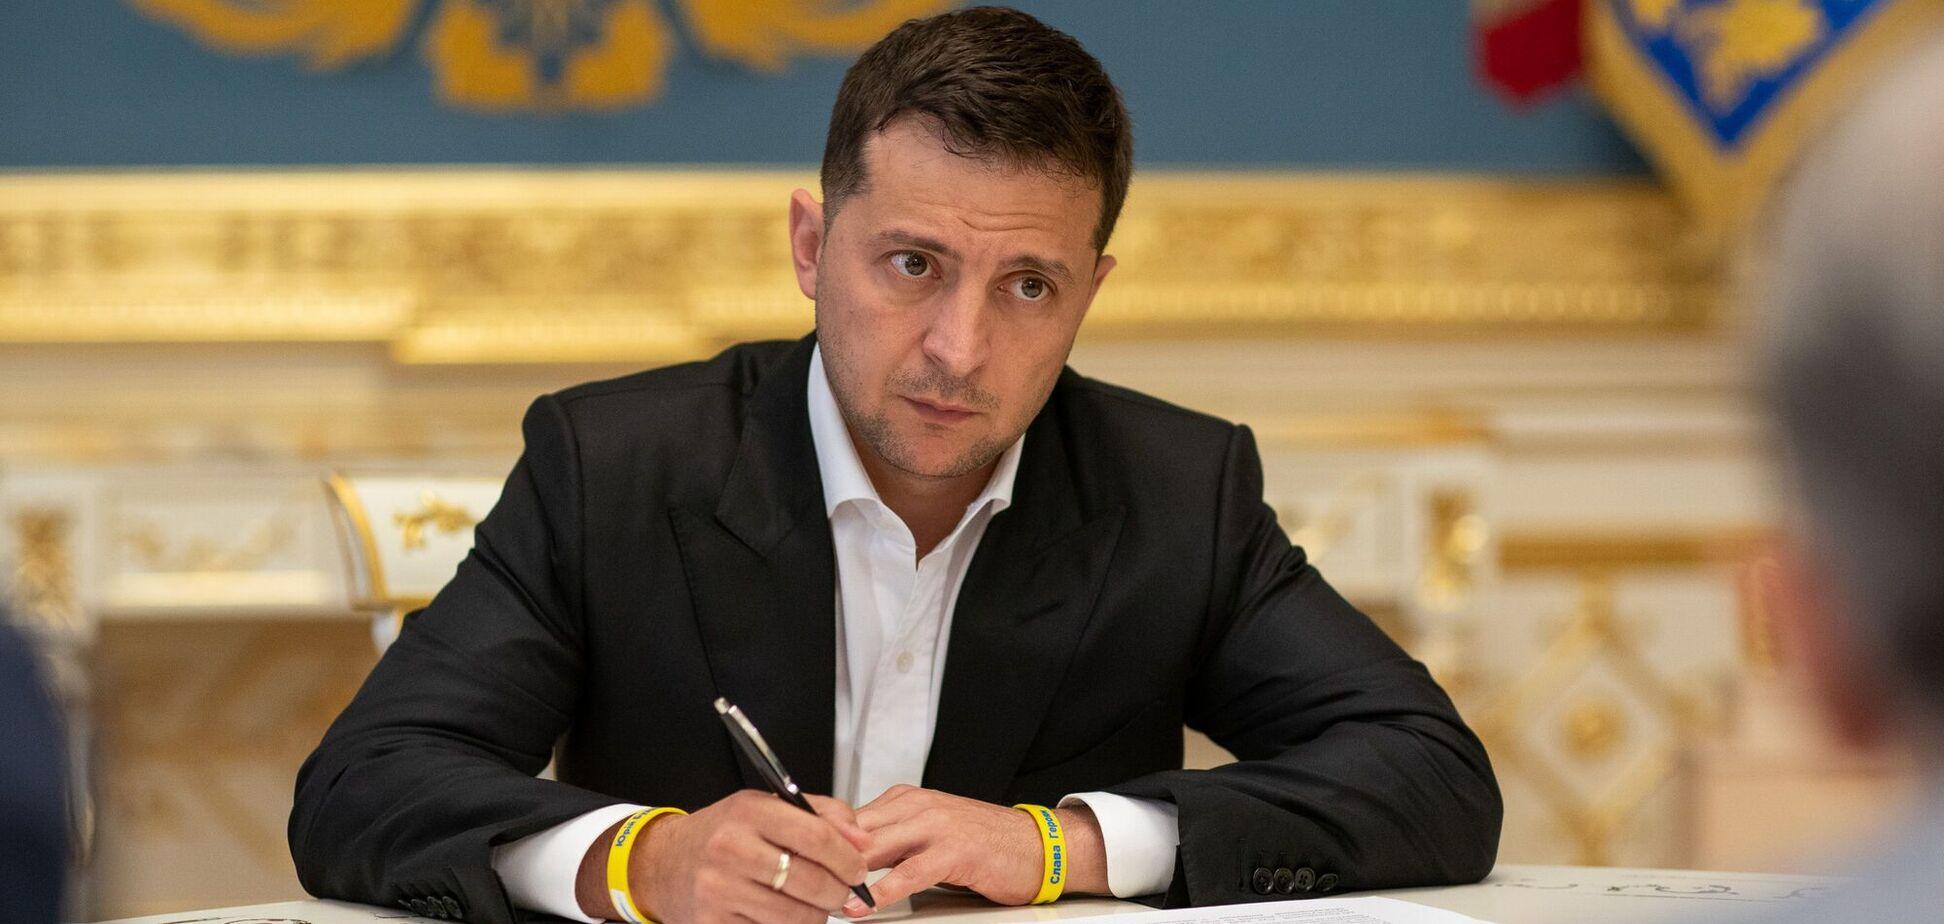 Зеленский в новом видео обратился к крупным украинским бизнесменам